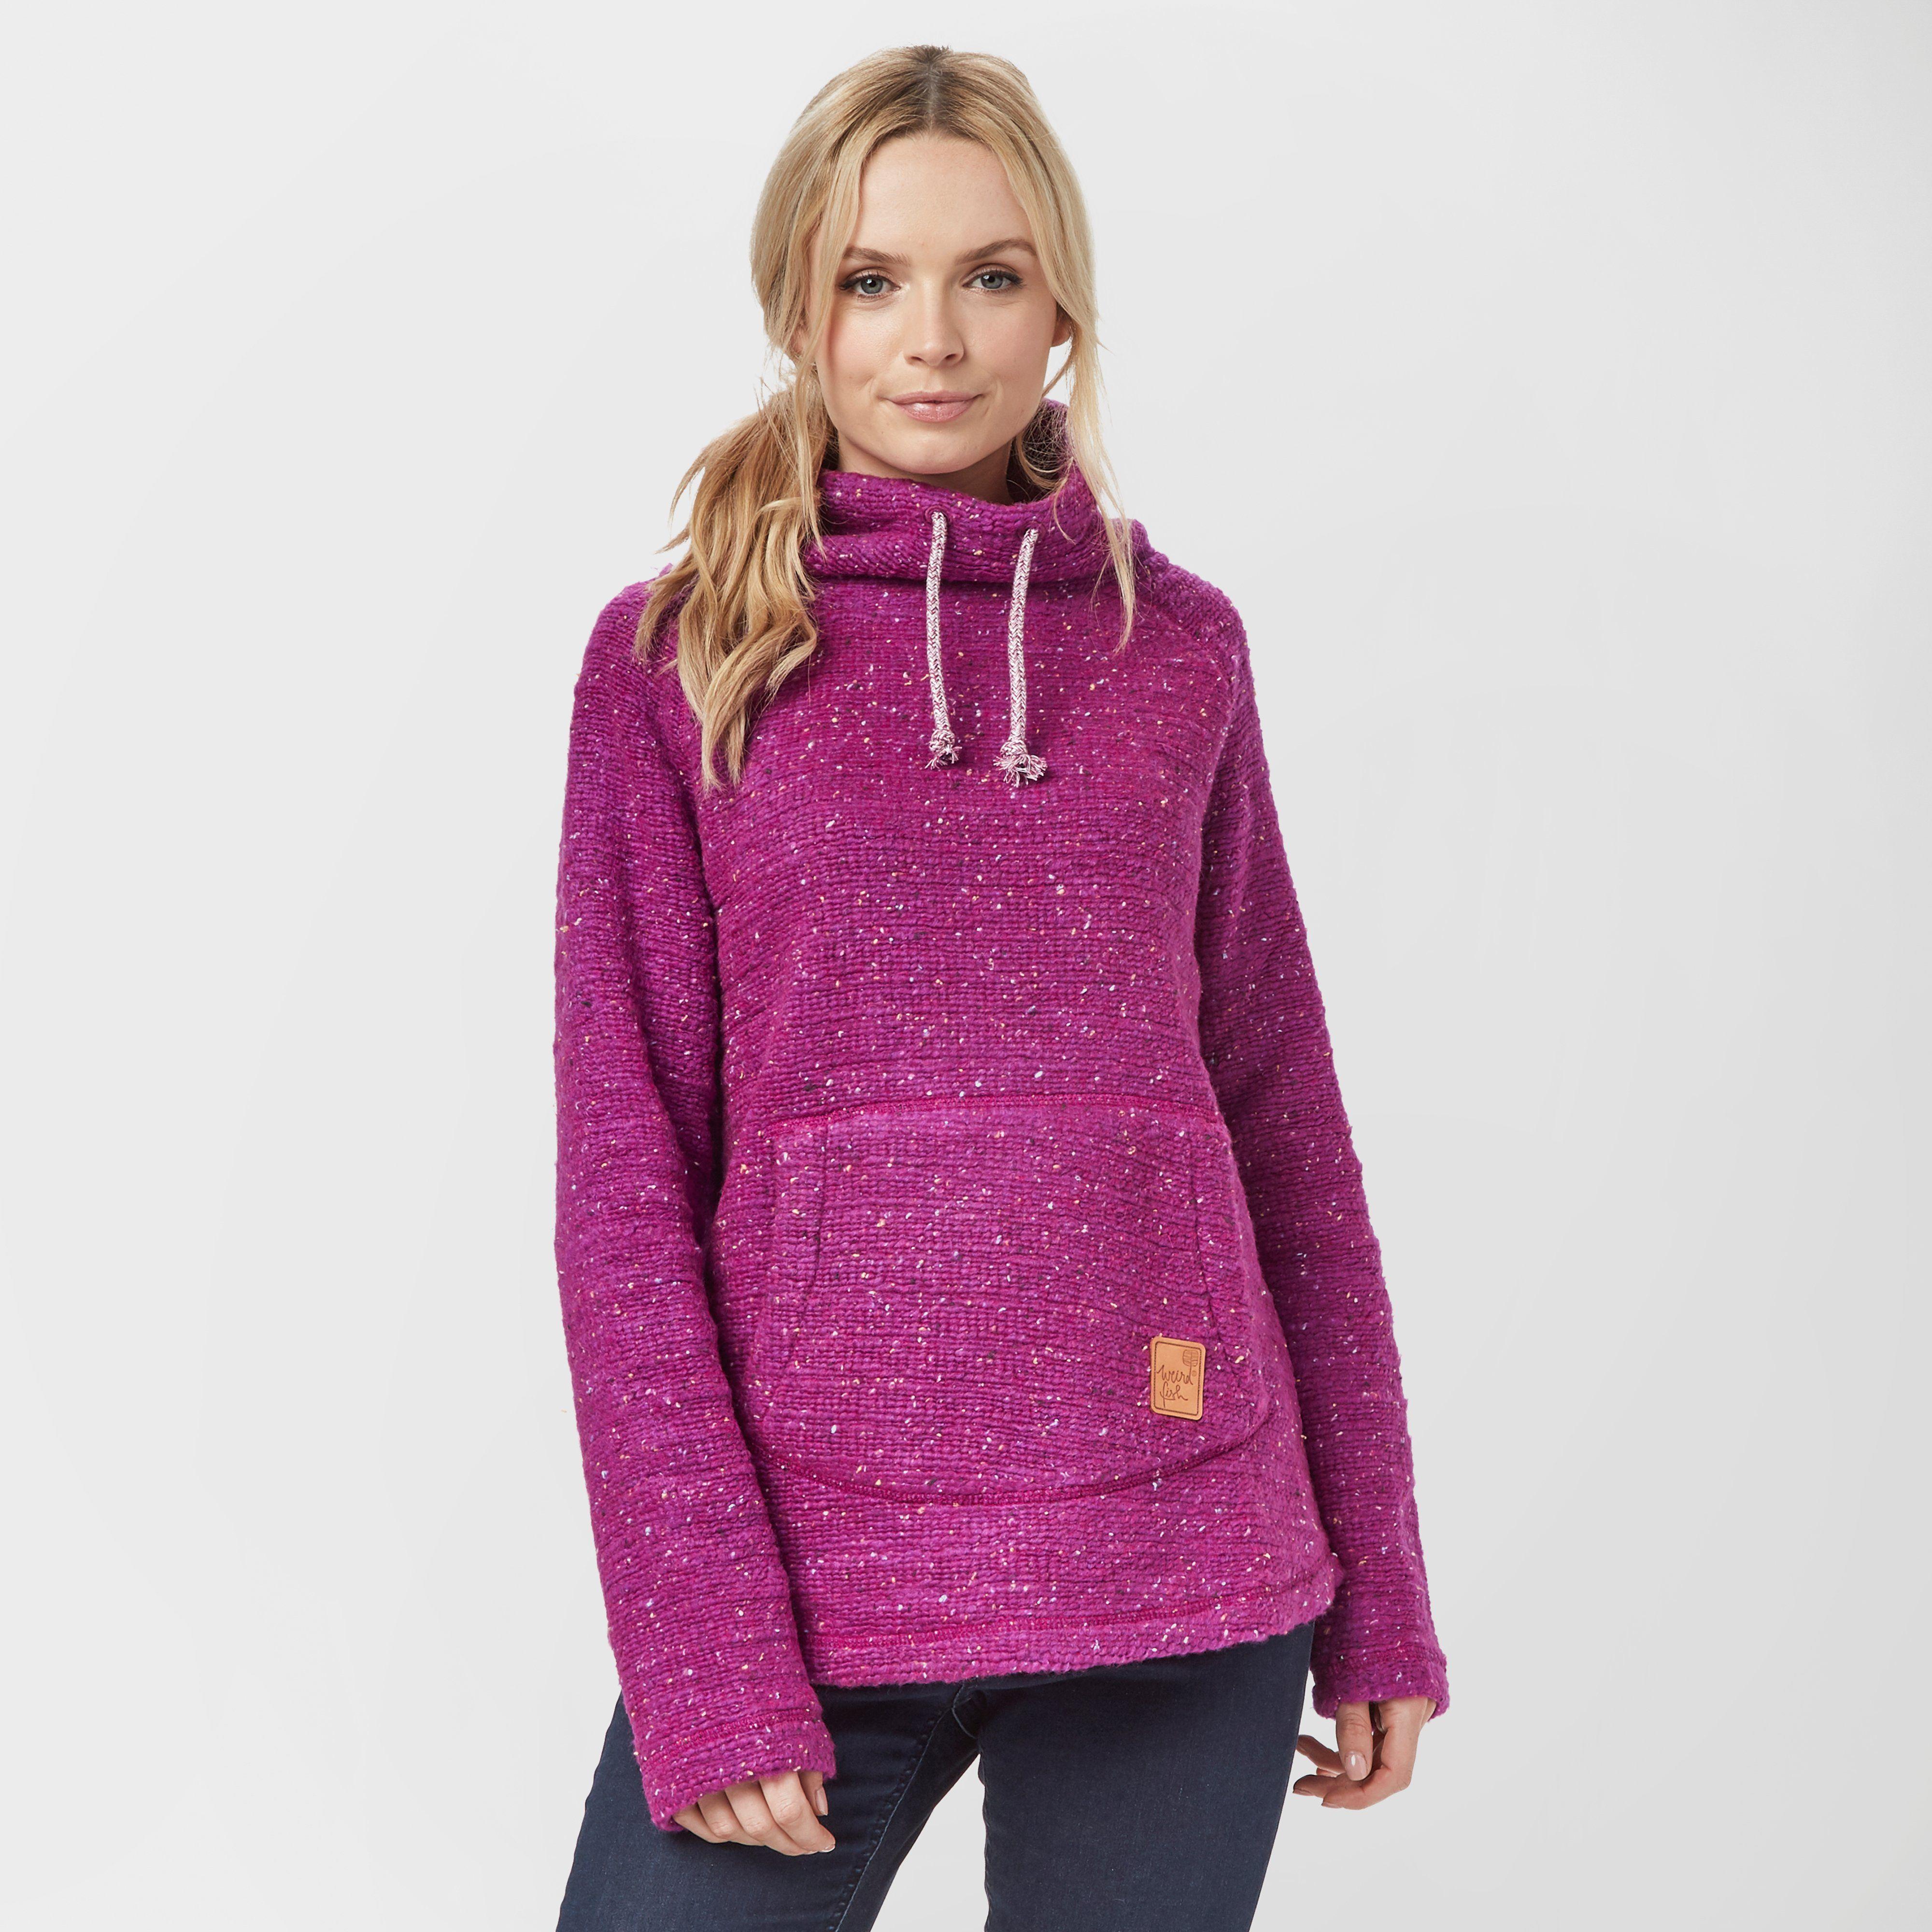 WEIRD FISH Women's Roskilde Funnel Neck Knitted Fleece